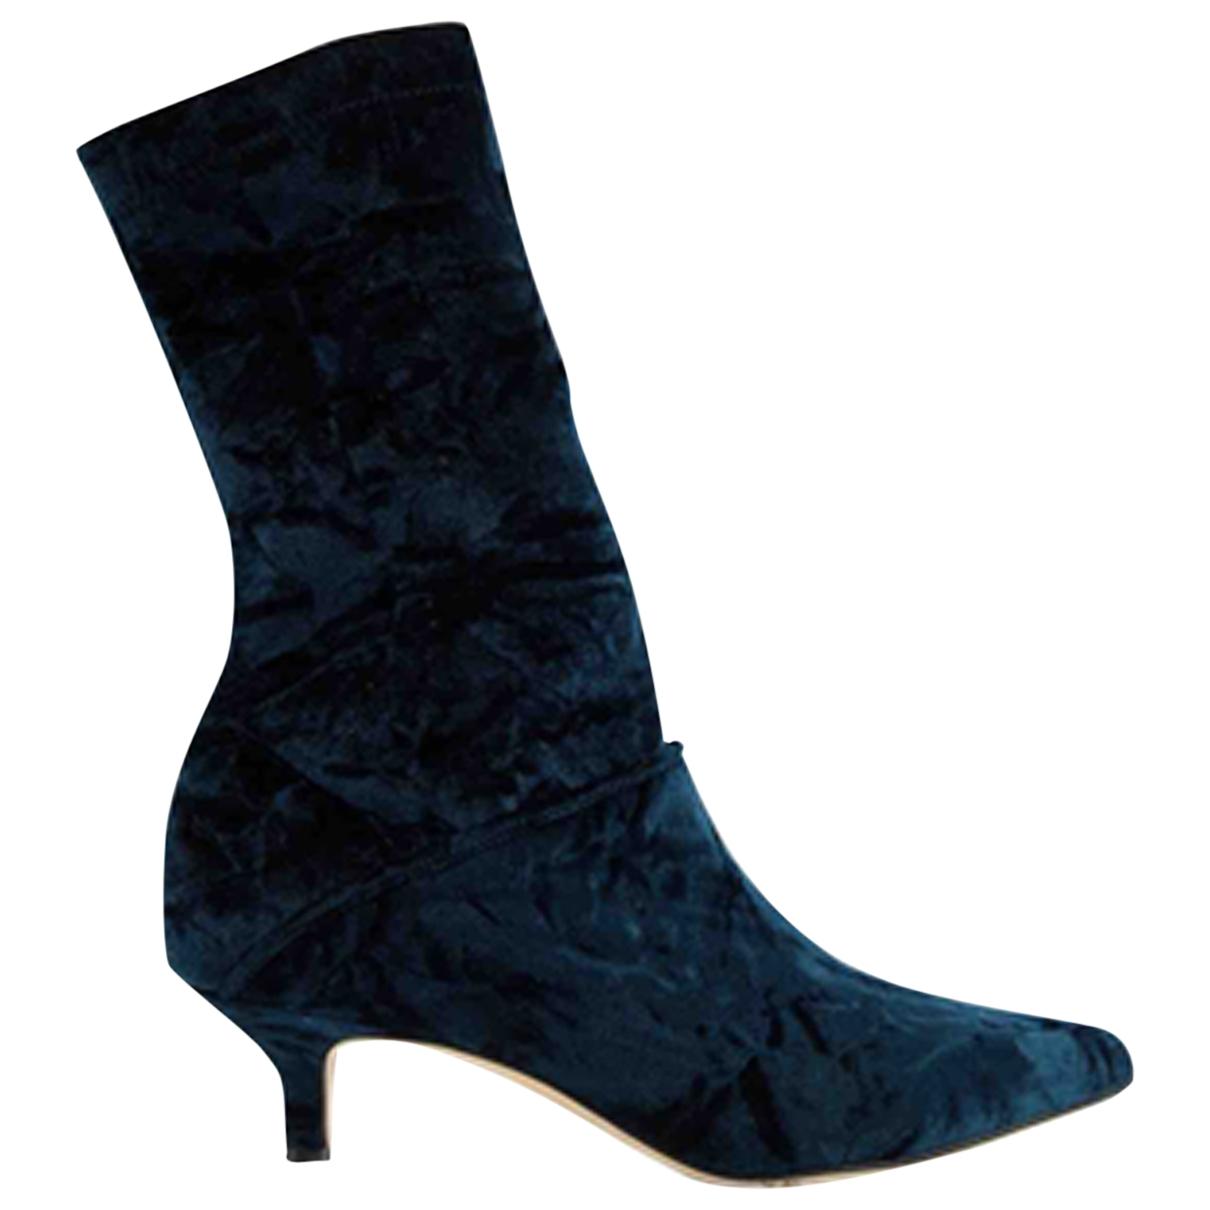 Tibi - Bottes   pour femme en velours - noir